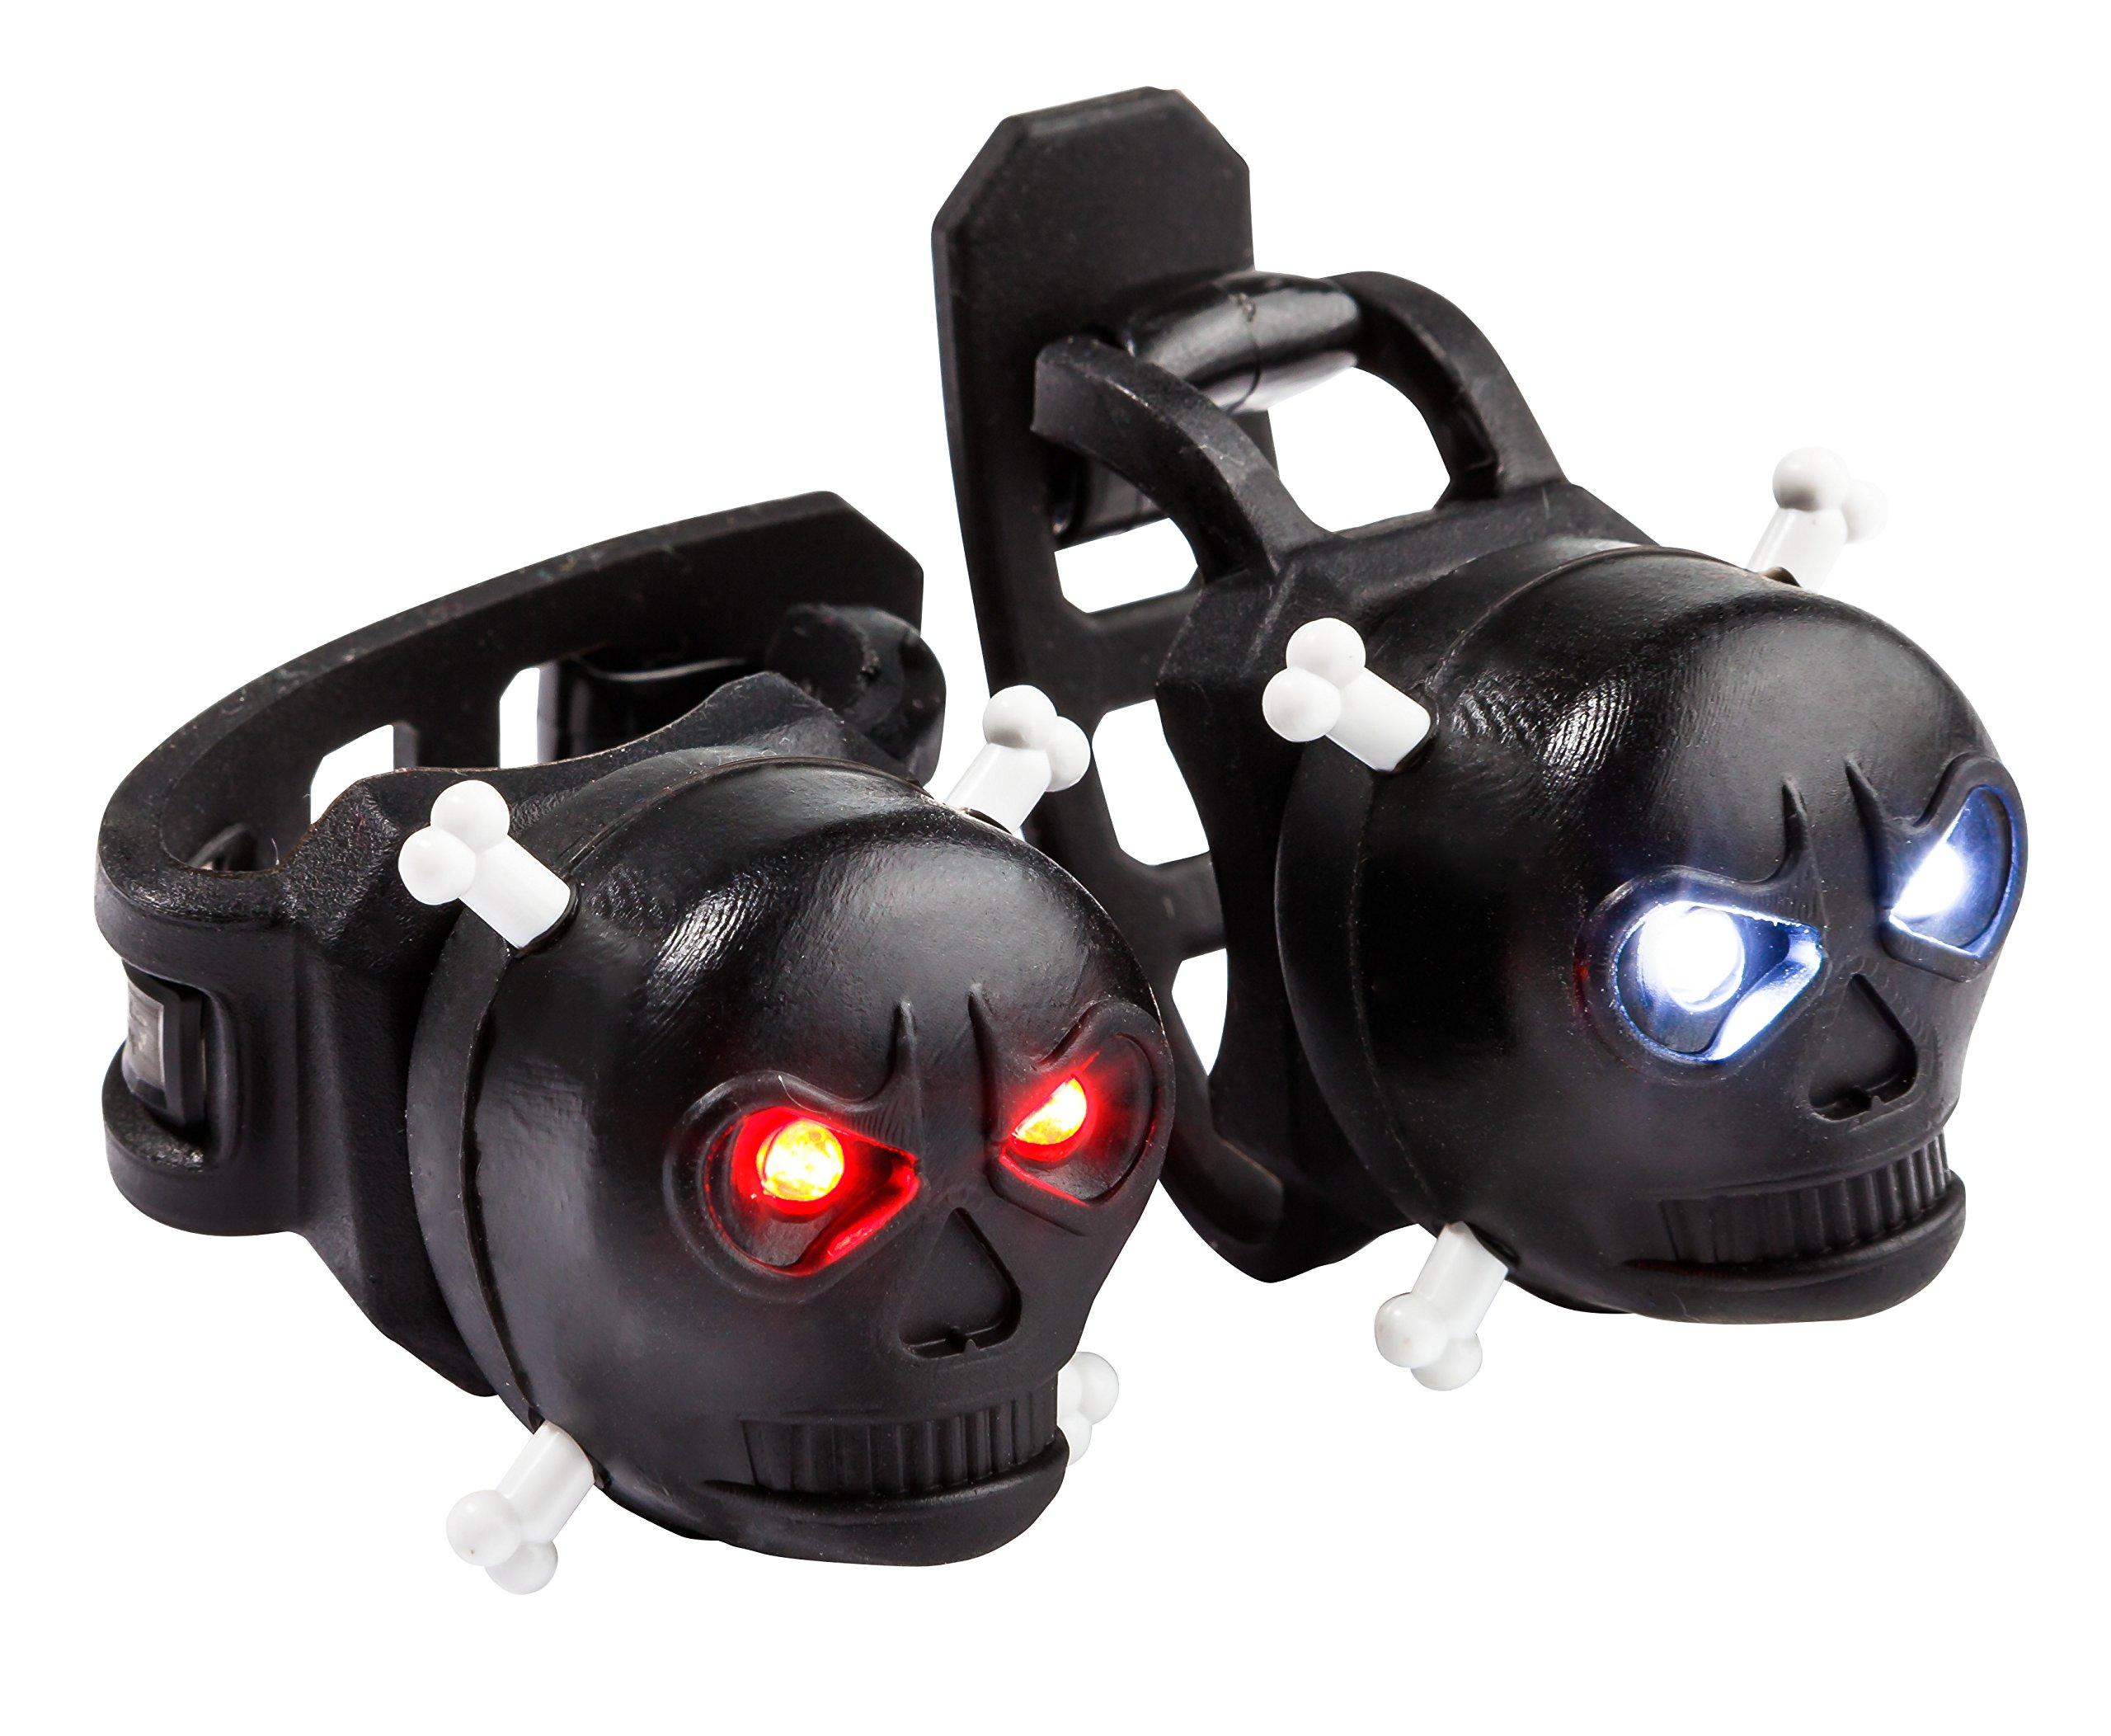 Schwinn Mongoose Skull Lights, Black